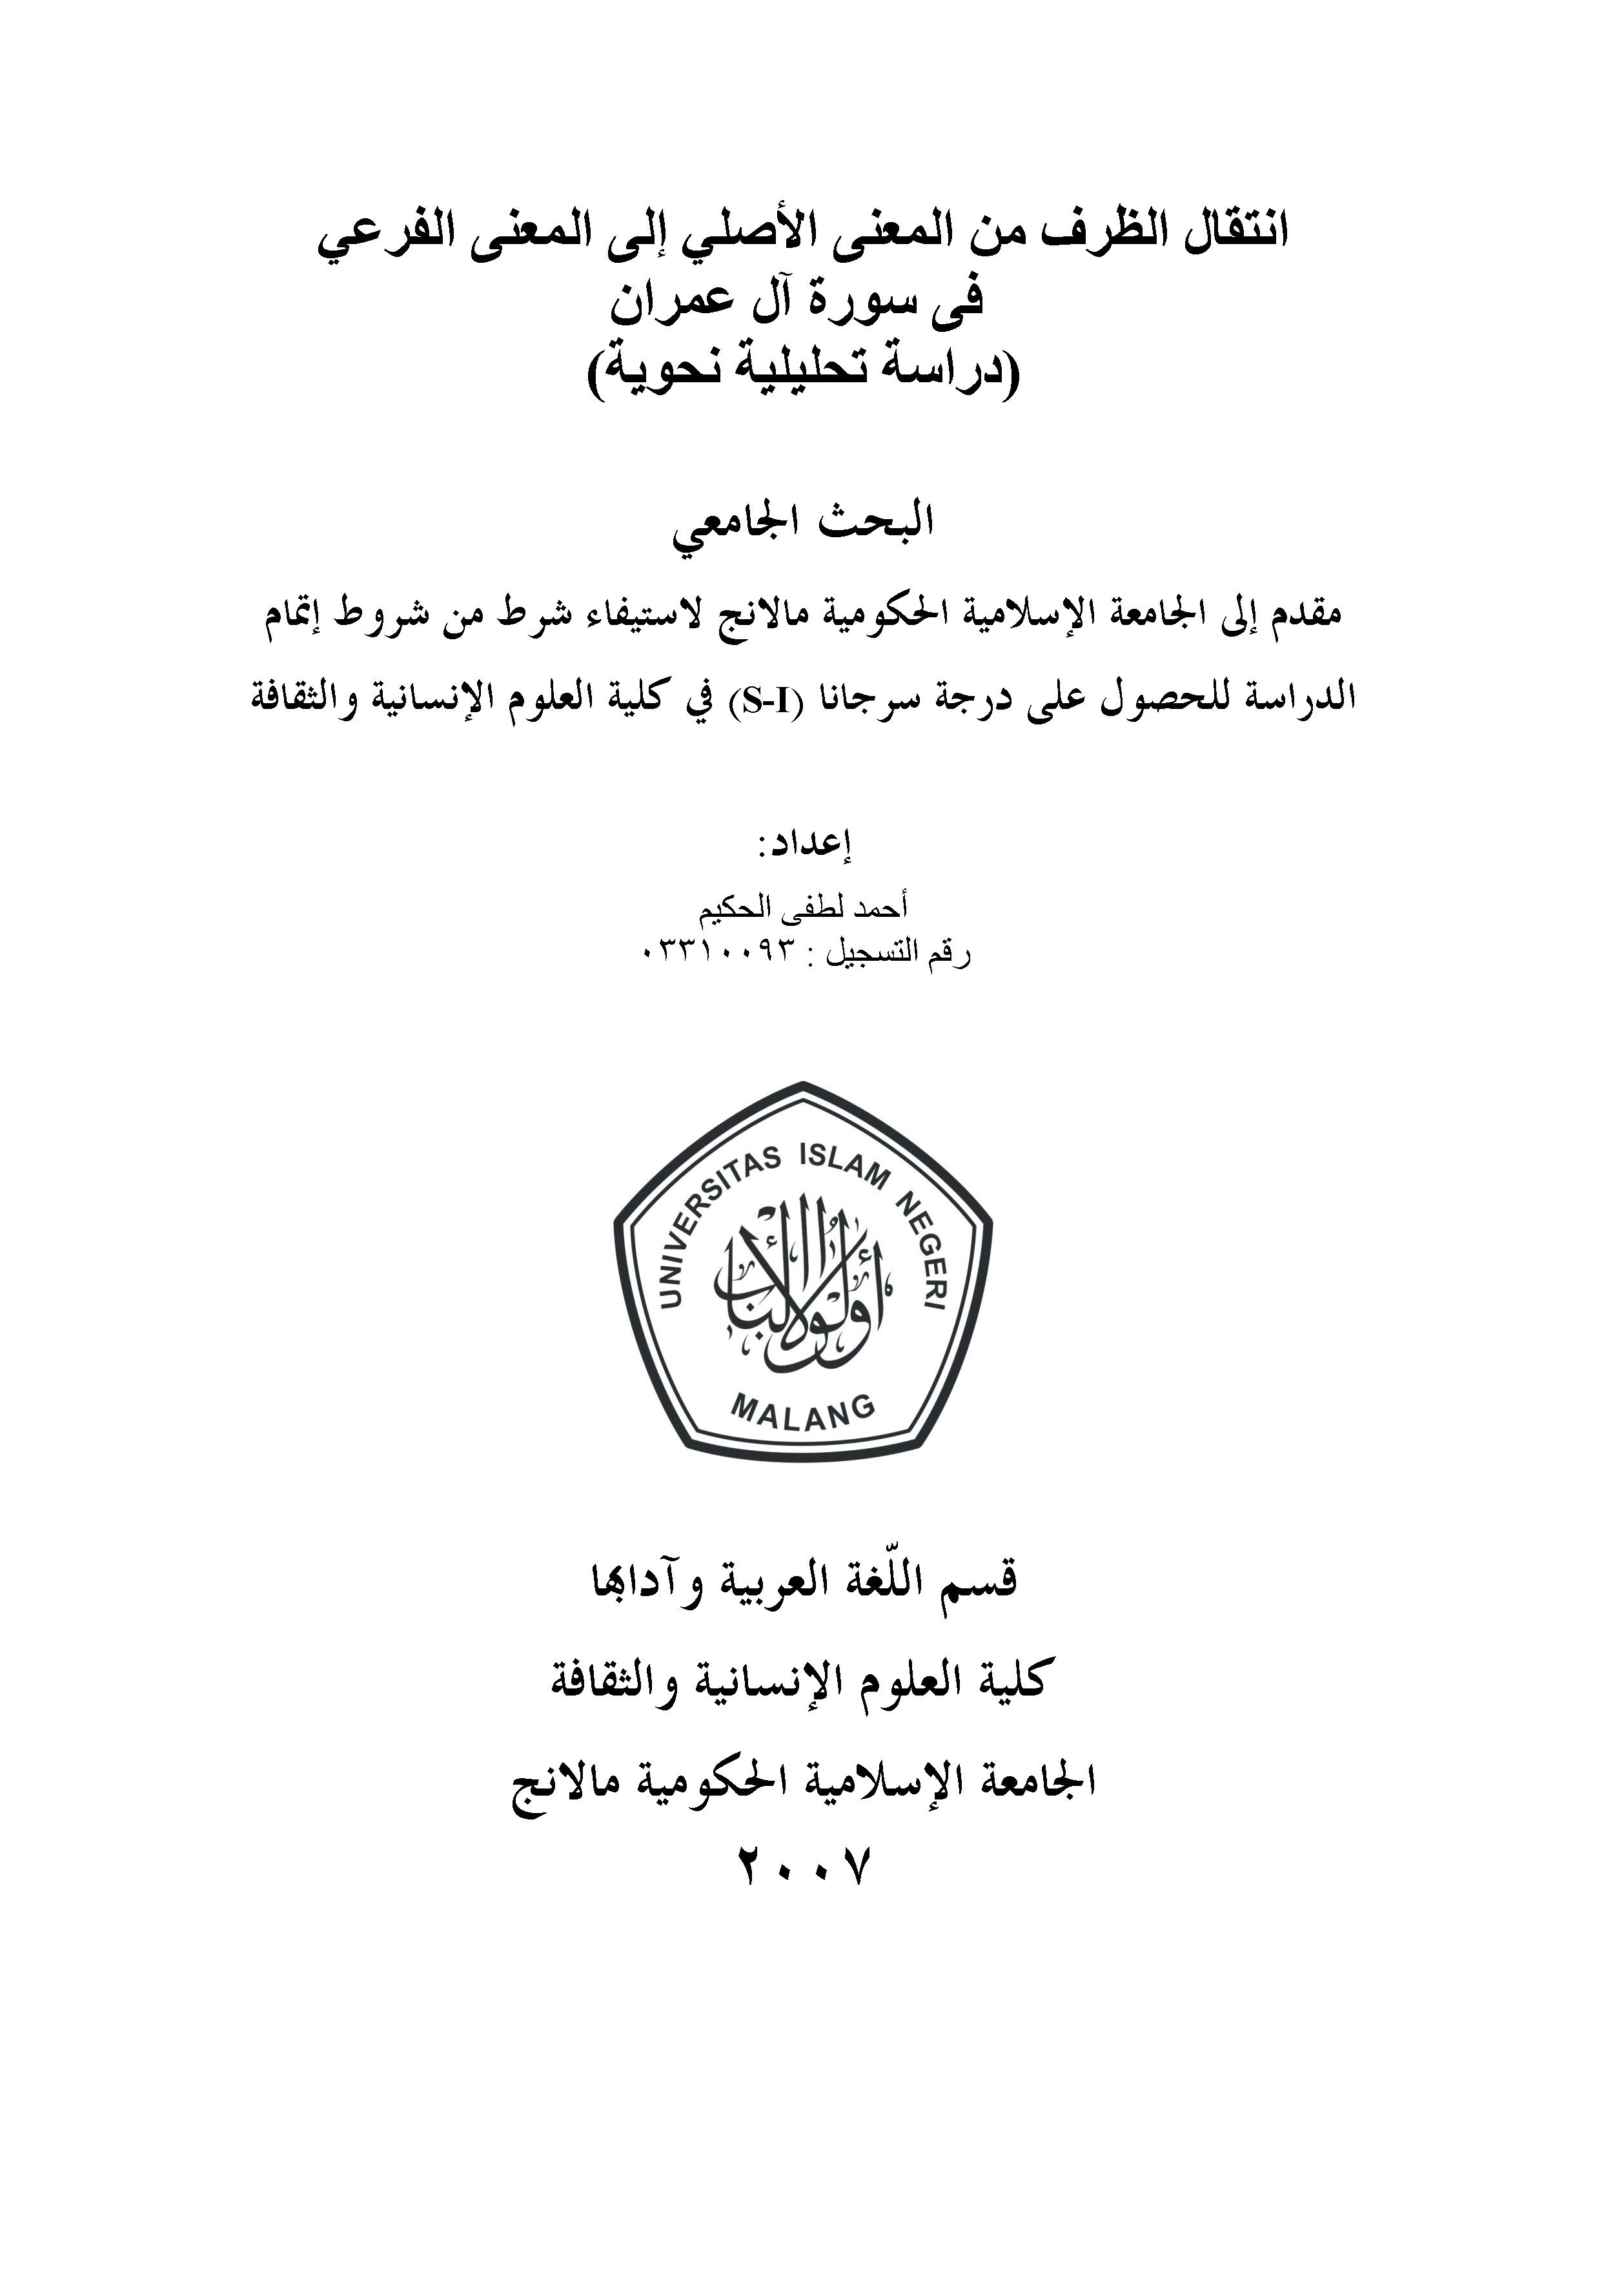 تحميل كتاب انتقال الظرف من المعنى الأصلي إلى المعنى الفرعي في سورة آل عمران (دراسة تحليلية نحوية) لـِ: أحمد لطفي الحكيم